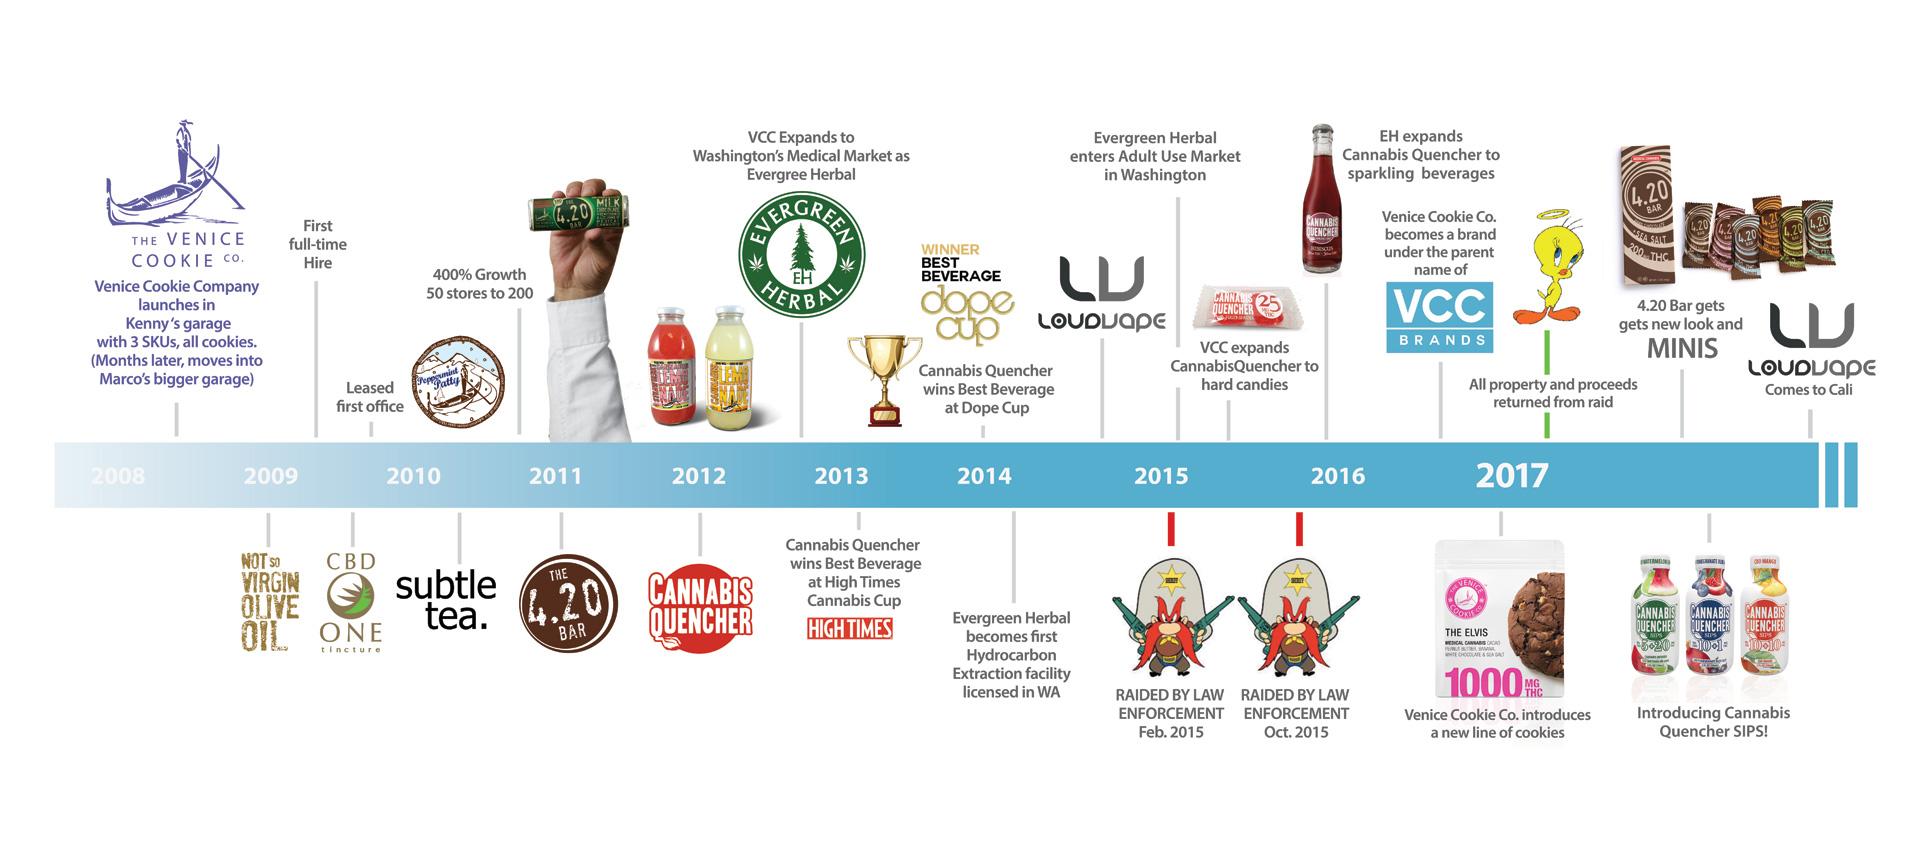 VCC-Brands-Timeline-R3